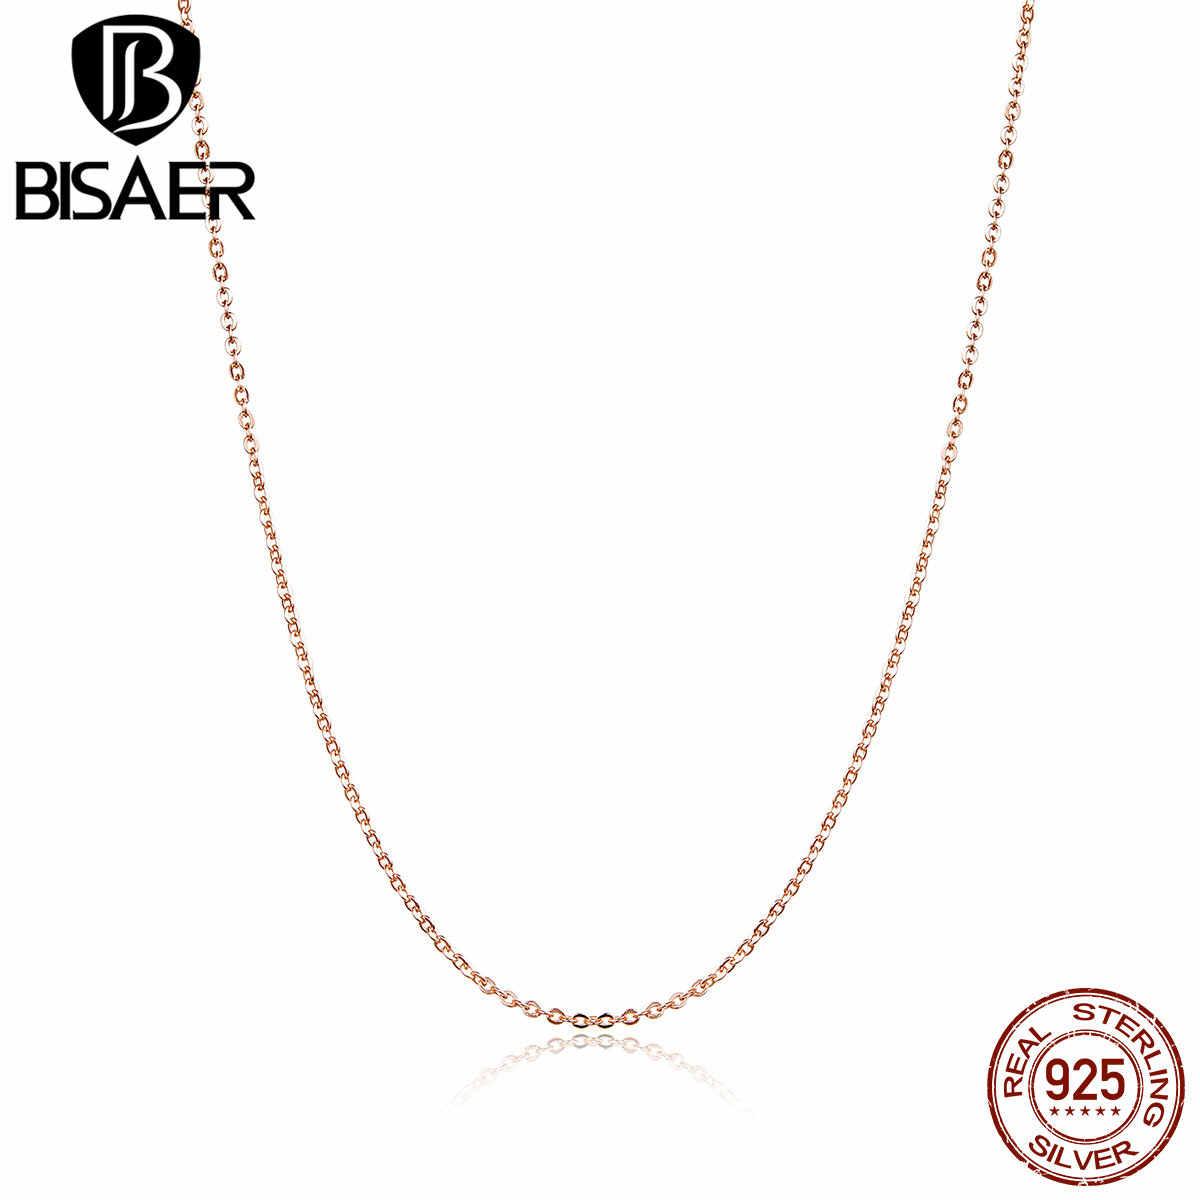 BISAER Горячая Распродажа, звеньевая цепочка, ожерелья, 925 пробы, серебро, дешевые женские ожерелья, розовое золото, цвет воротника, 45 см, серебряное ювелирное изделие ECA014